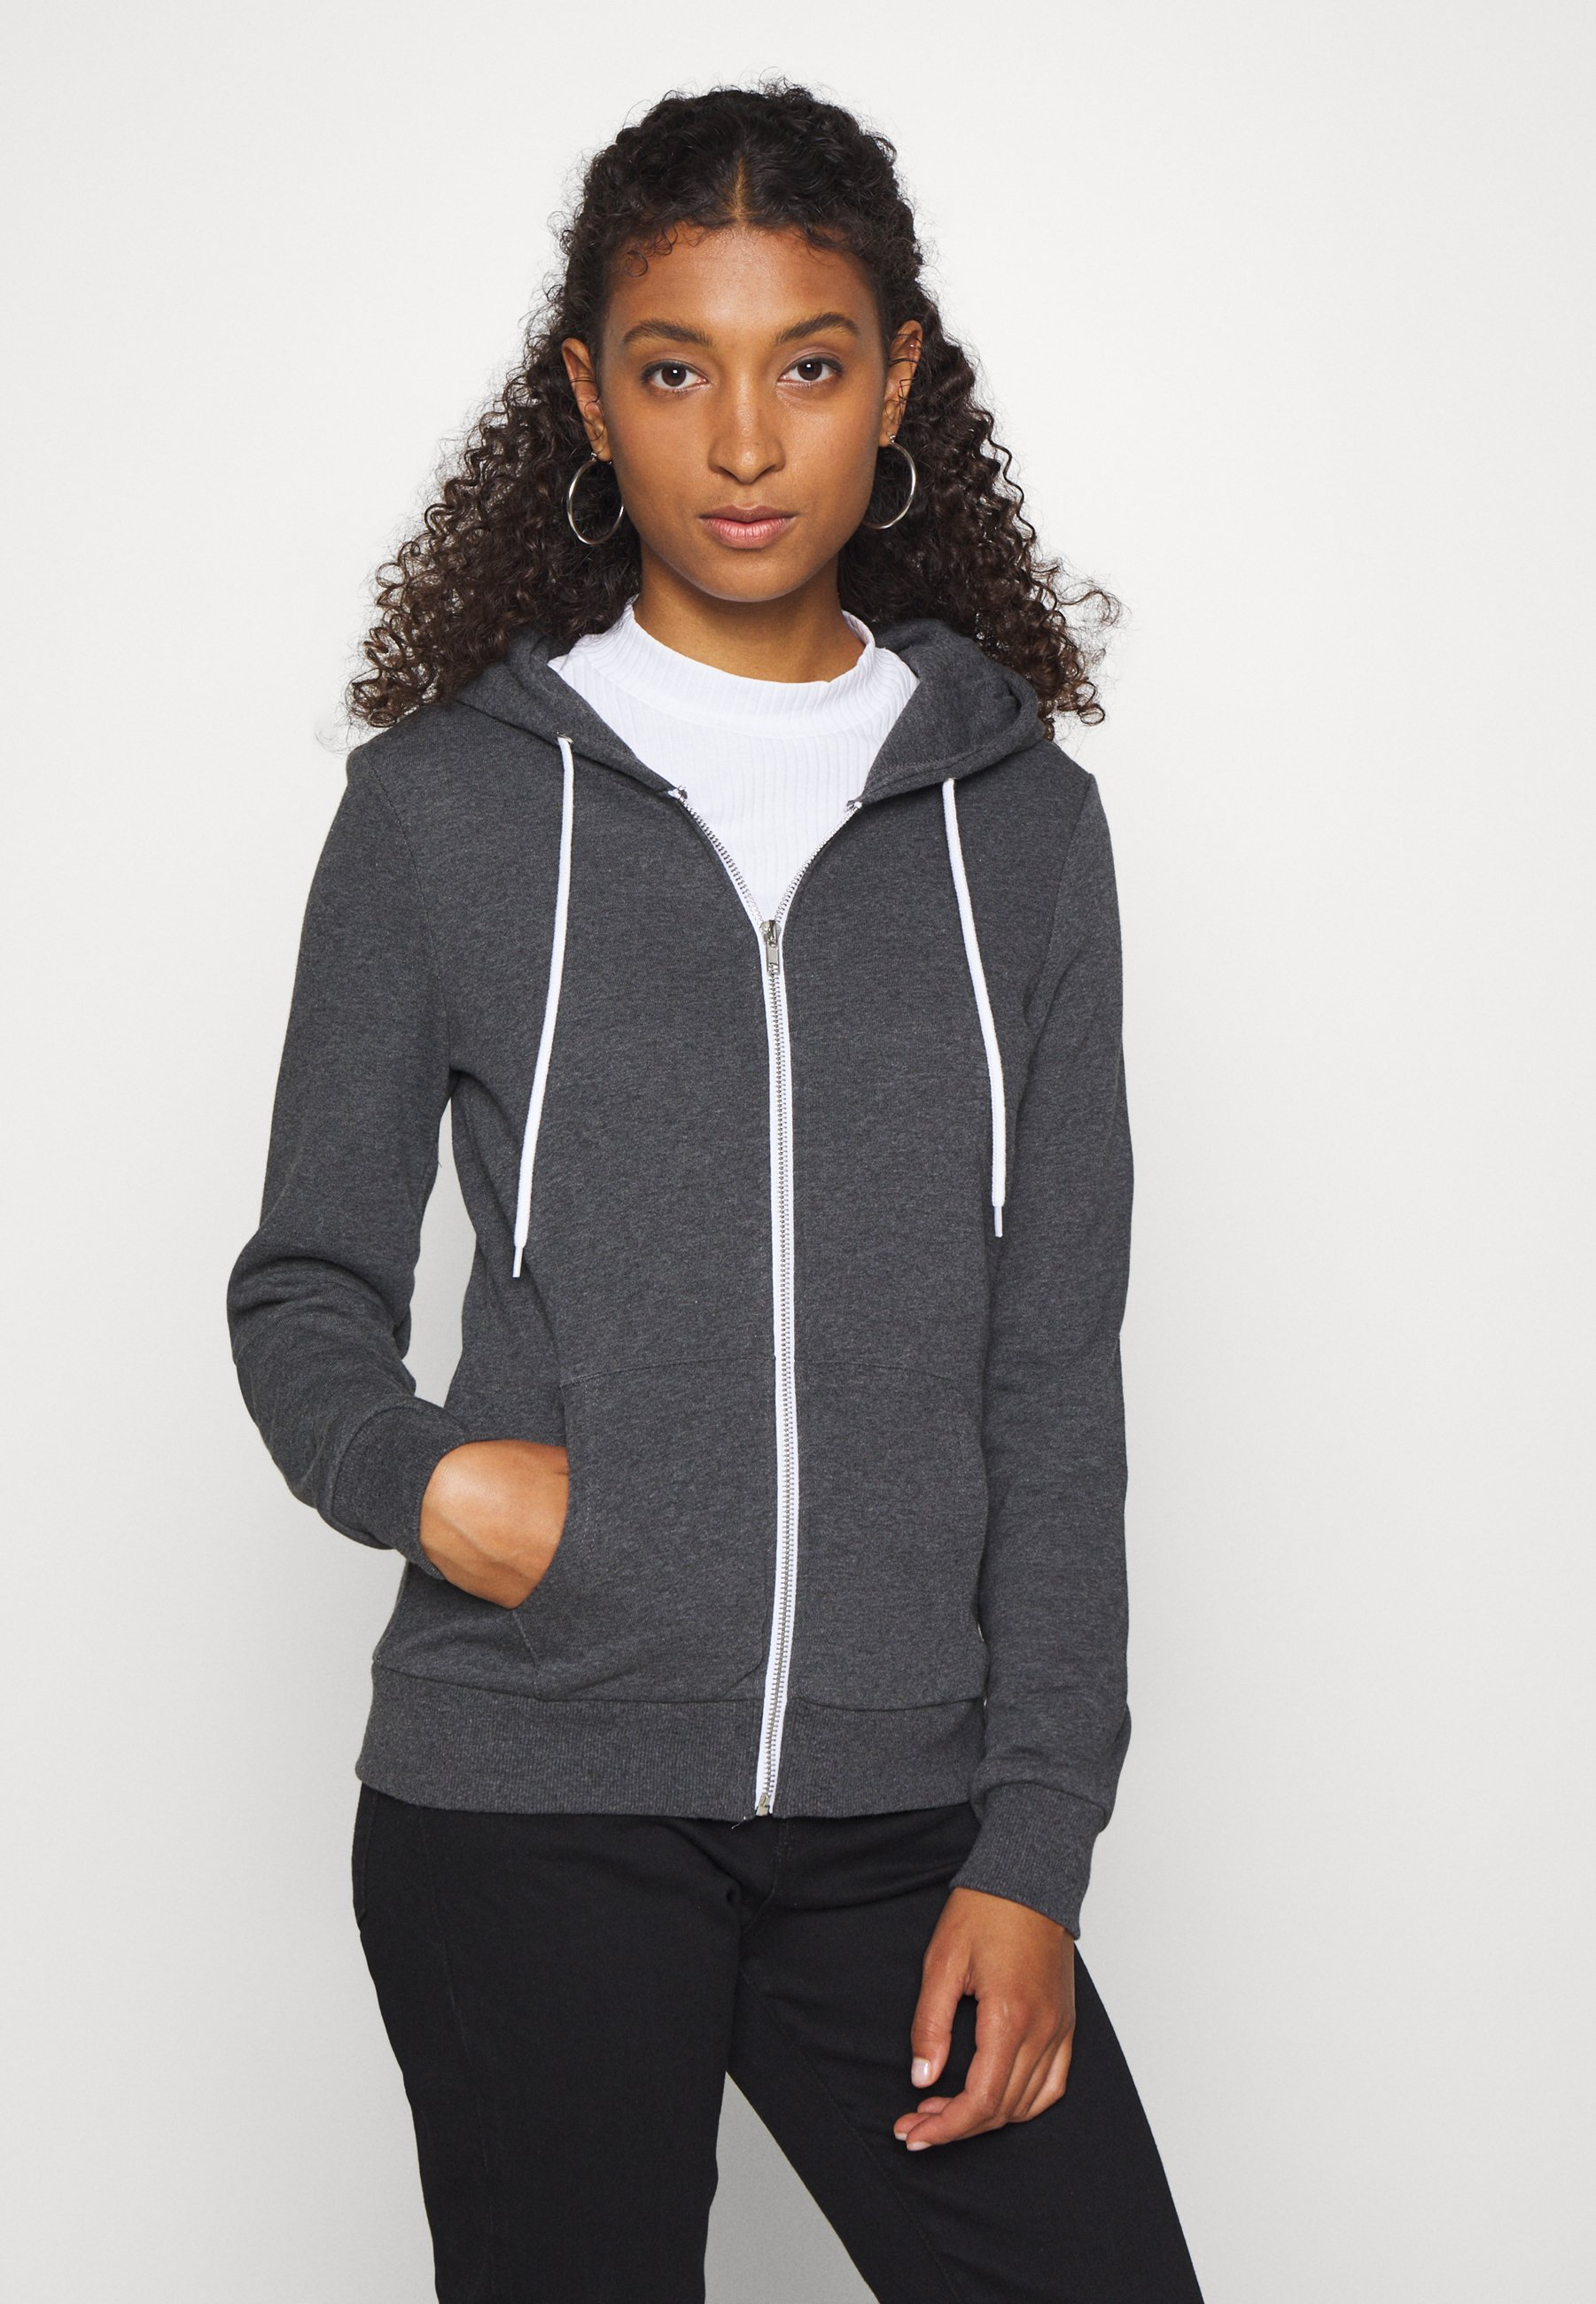 Sweatshirts femme | Tous les articles chez Zalando